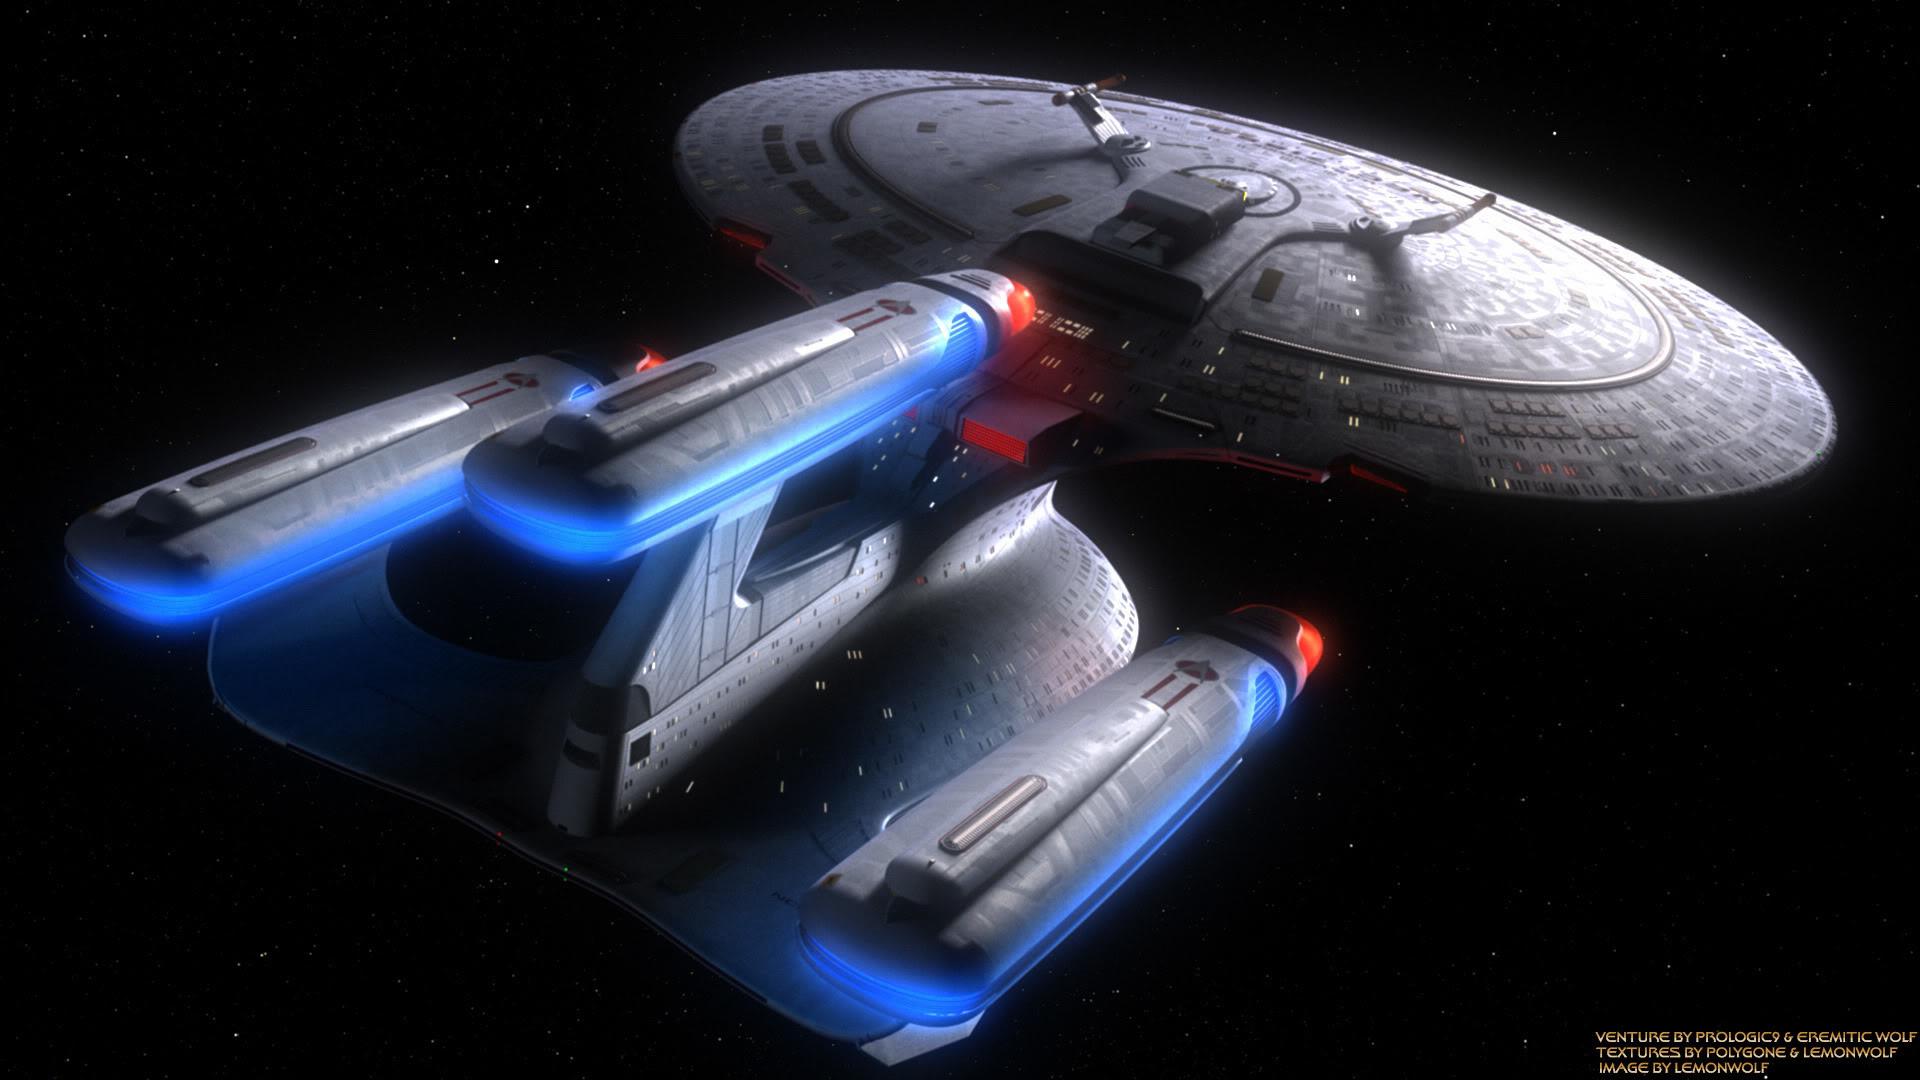 Star Trek Ship Wallpapers: Star Trek Enterprise Wallpaper (74+ Images